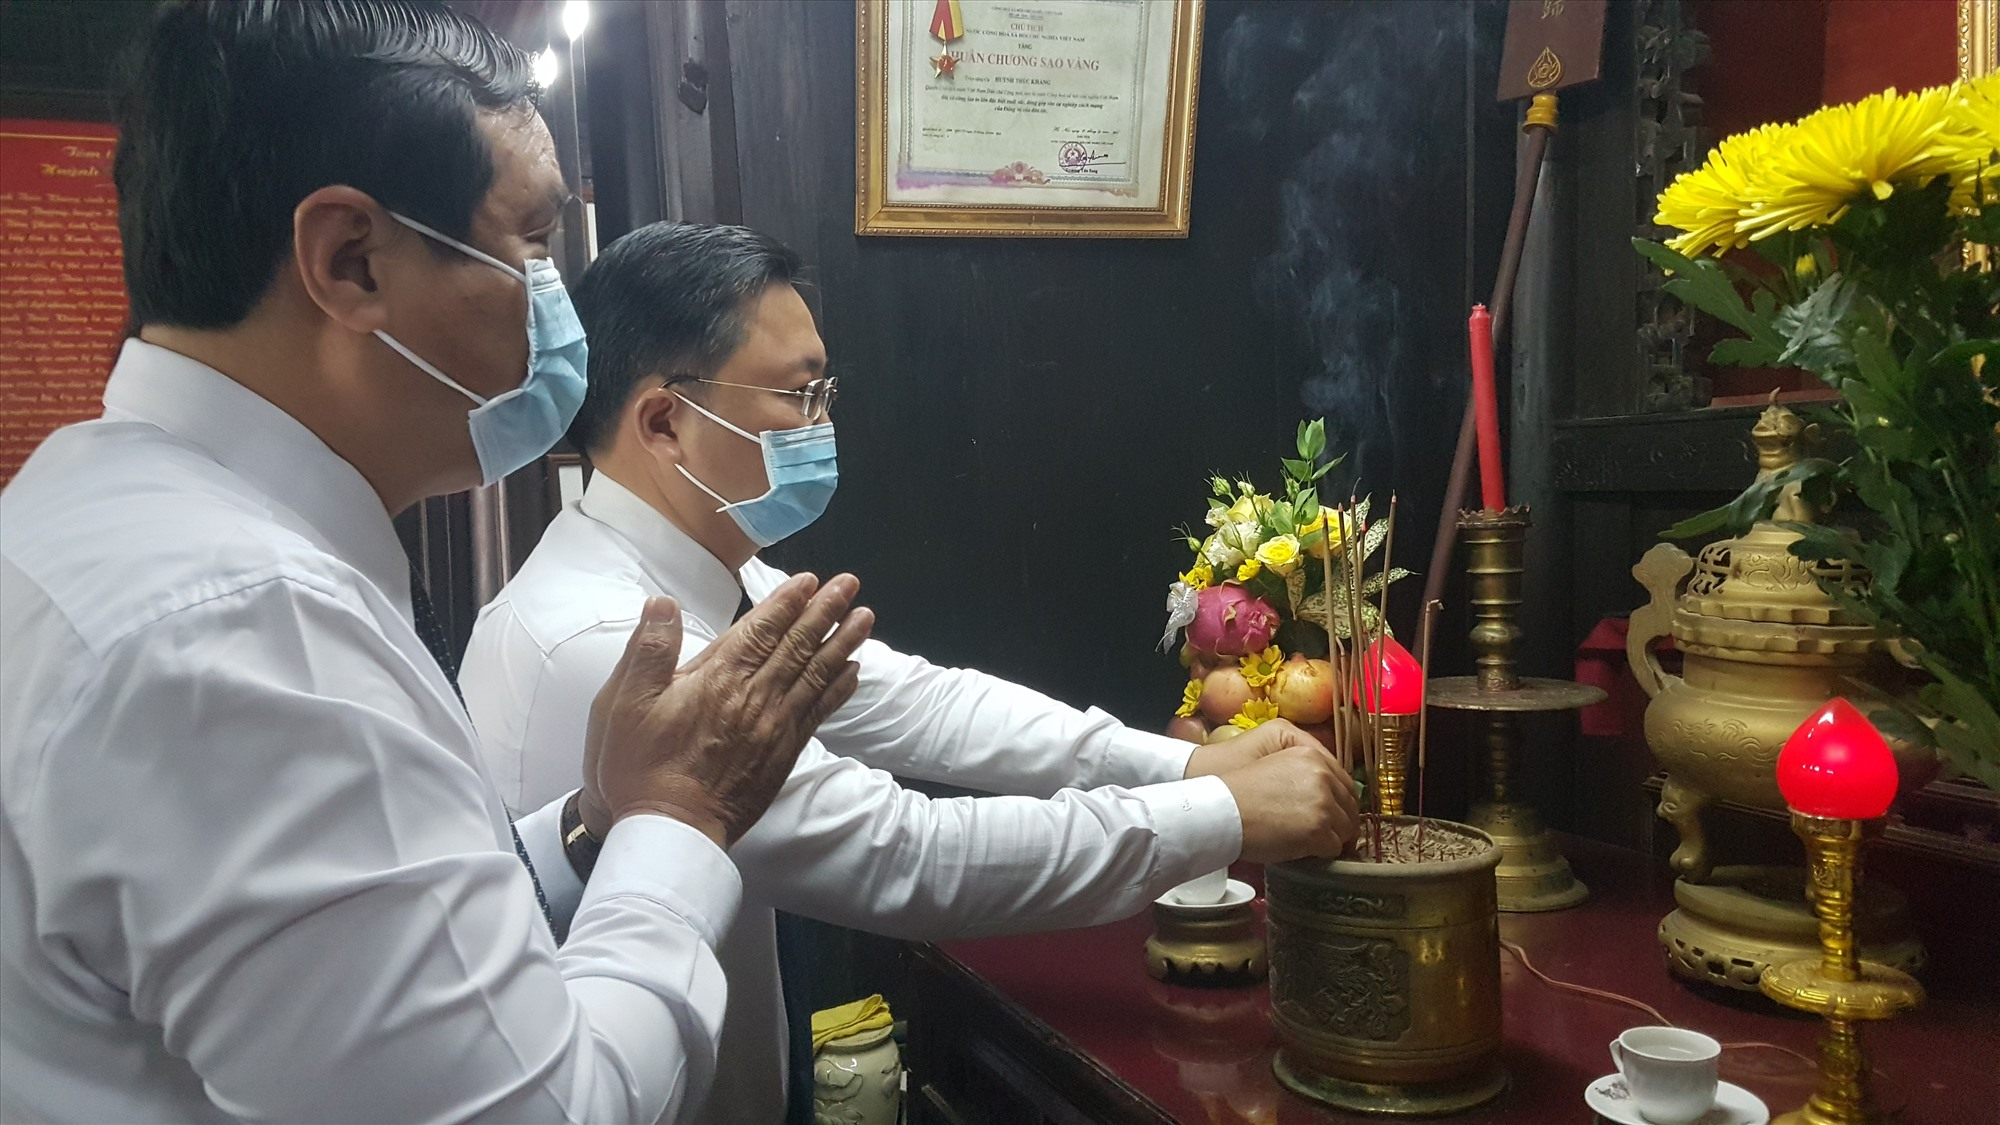 Bí thư Tỉnh ủy Phan Việt Cường và Chủ tịch UBND tỉnh Lê Trí Thanh viếng hương cụ Huỳnh. Ảnh: D.L